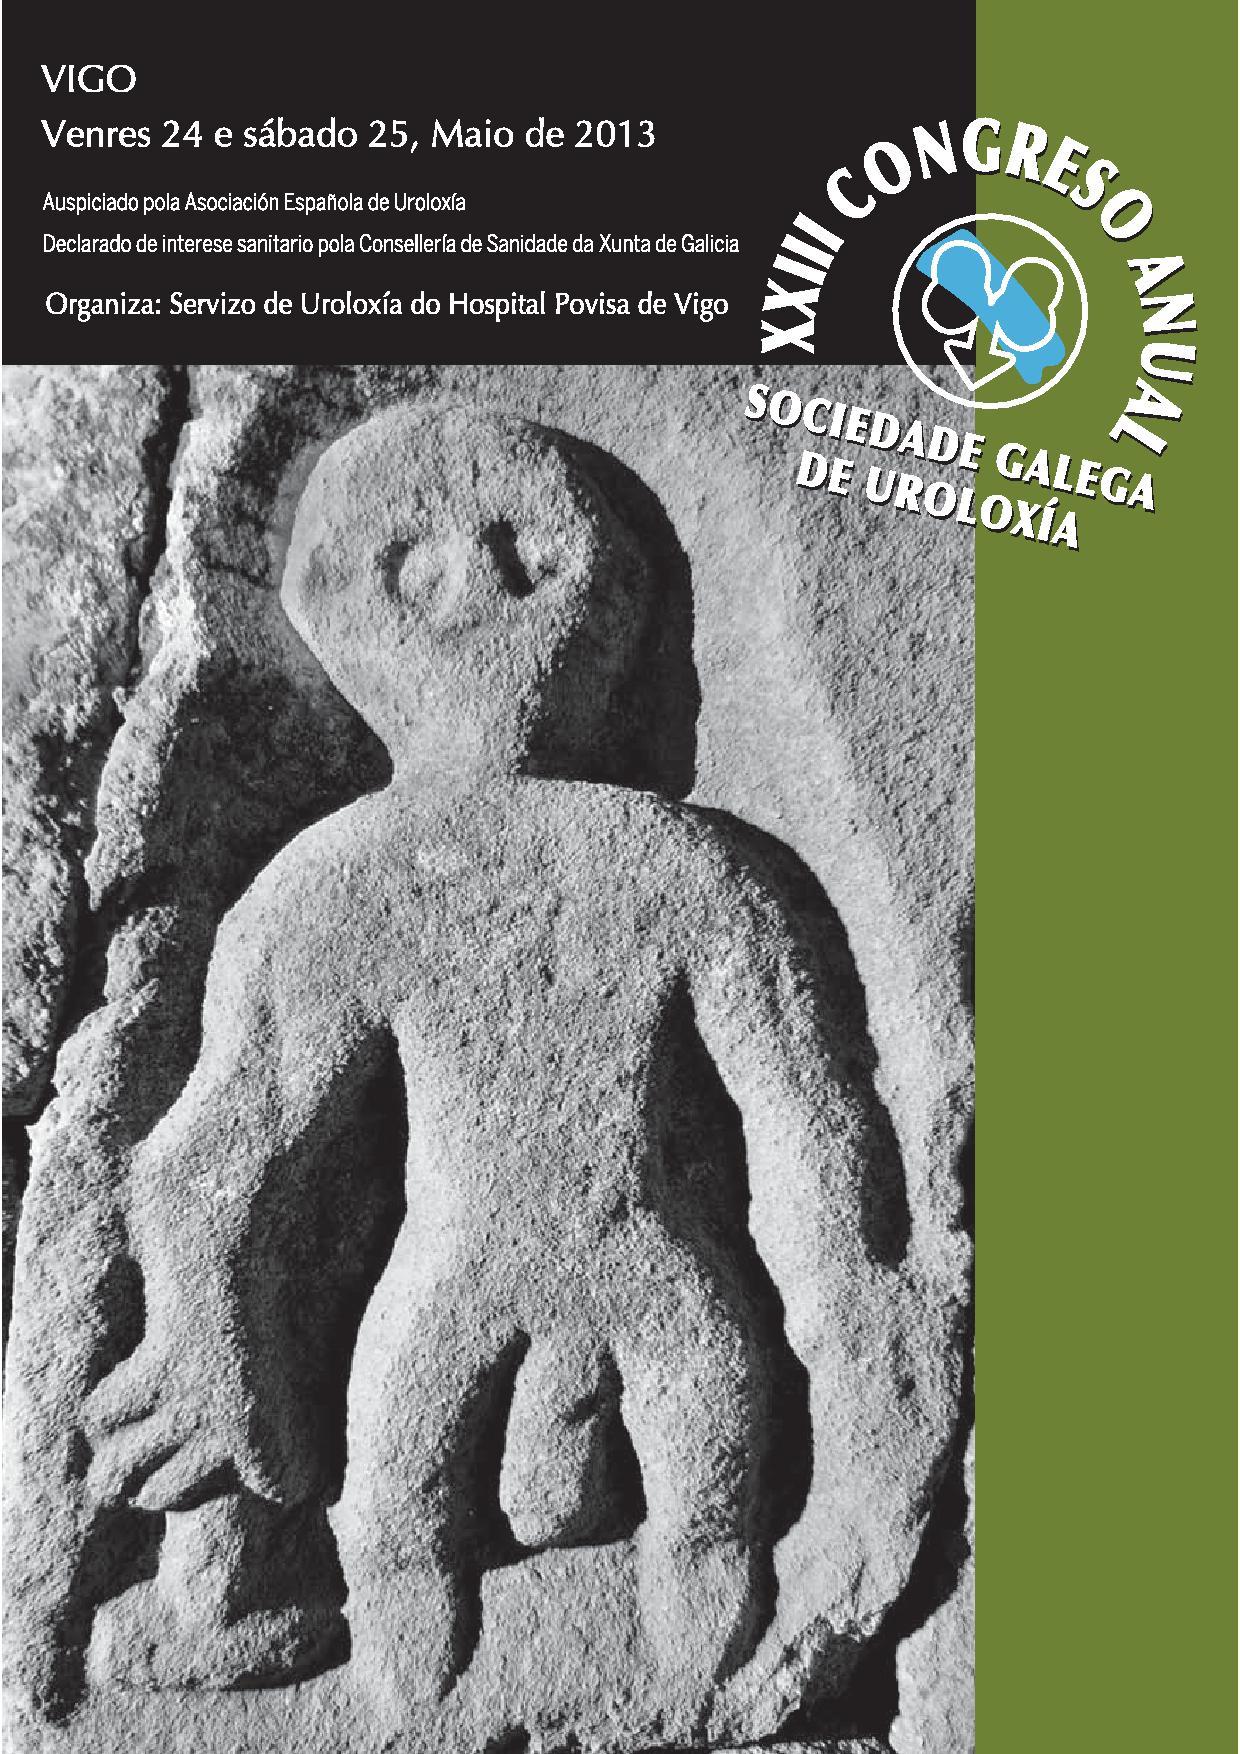 XXIII Congreso de la Sociedad Gallega de Urología